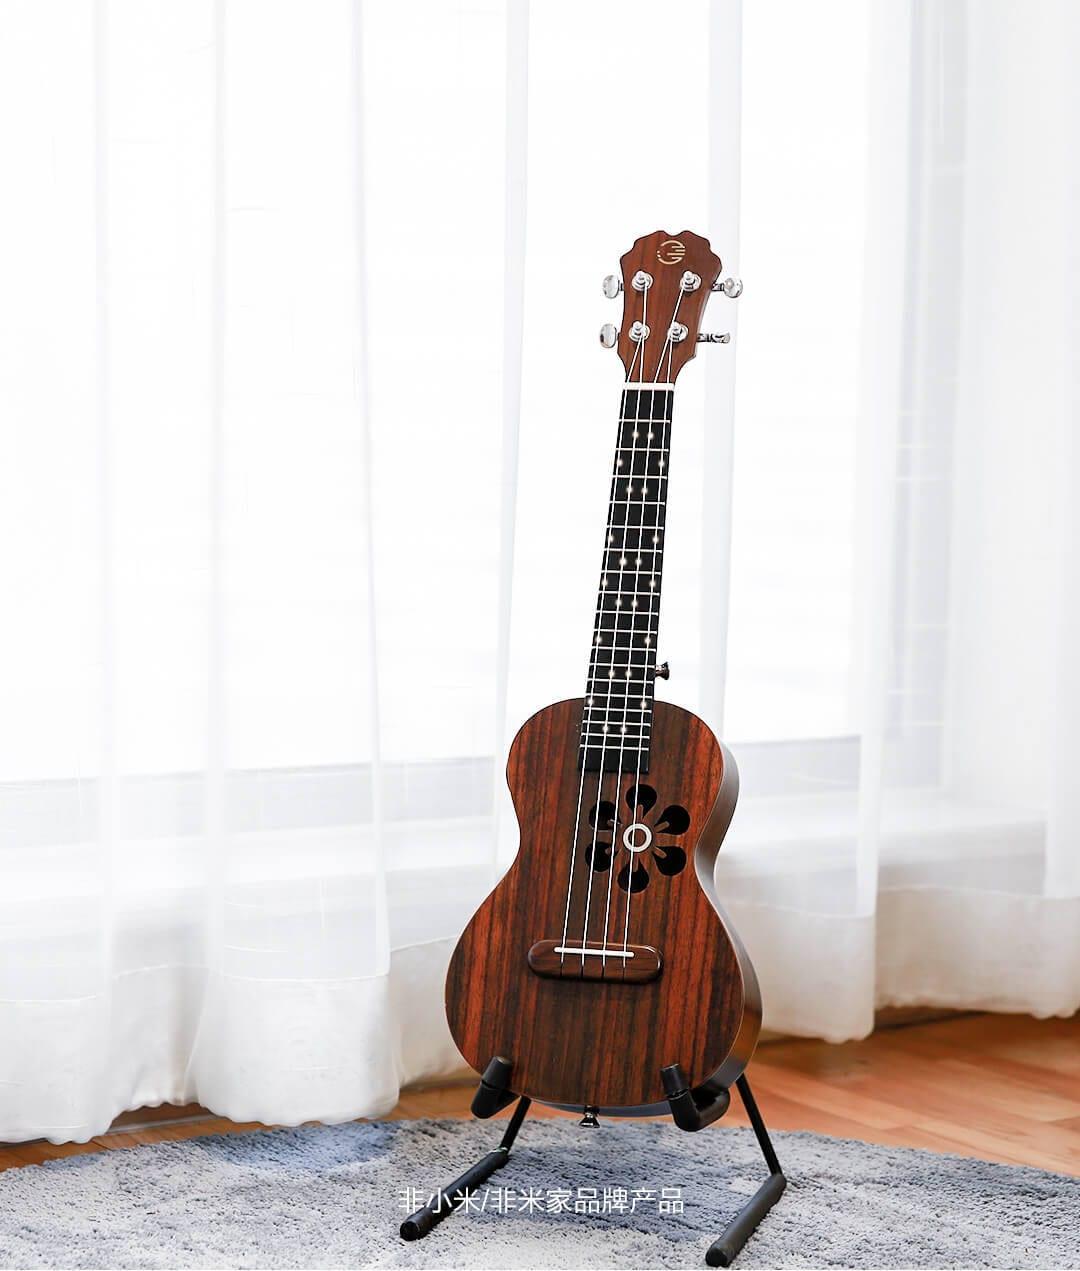 xiaomi-populele-ukulele-smart_7